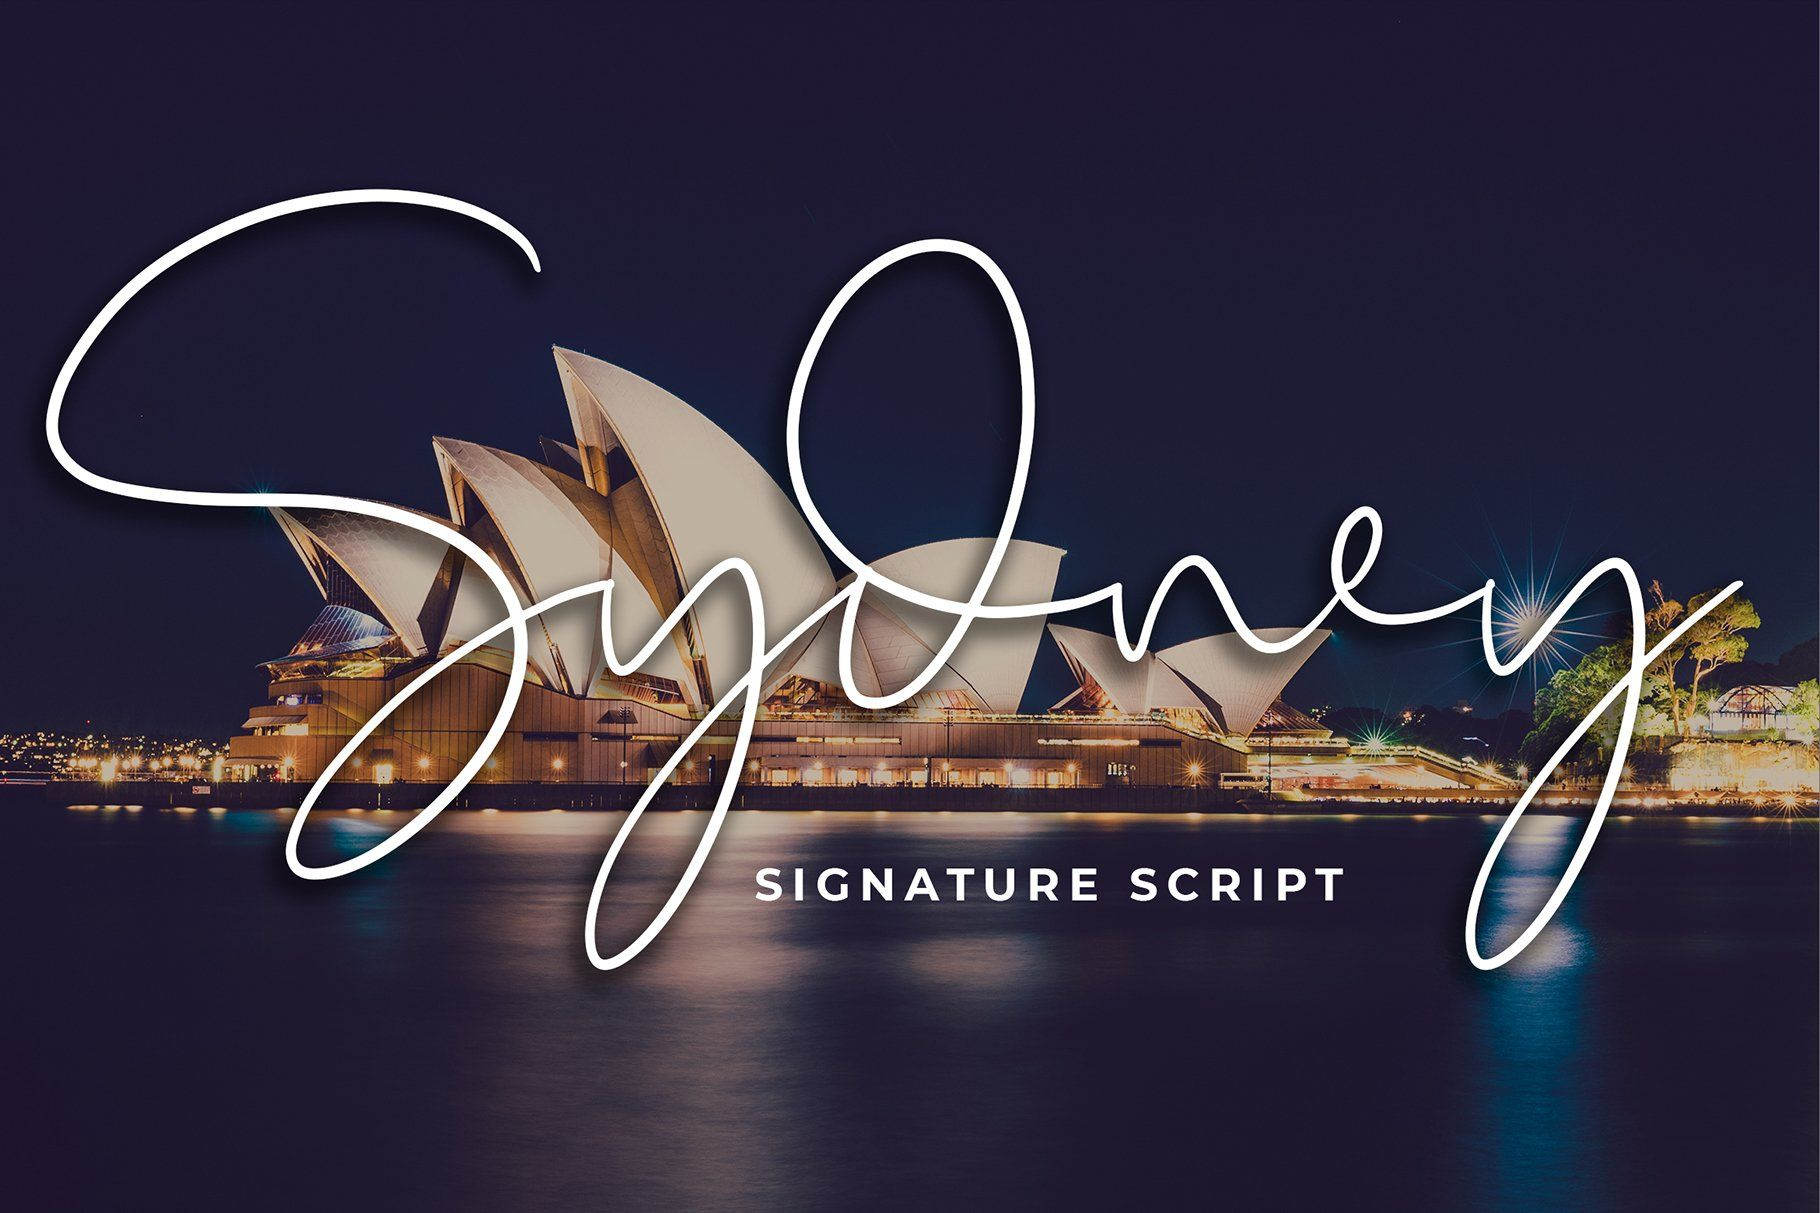 Sydney Signature Script Font Script Fonts Signature Fonts Photography Watermark [ 1213 x 1820 Pixel ]